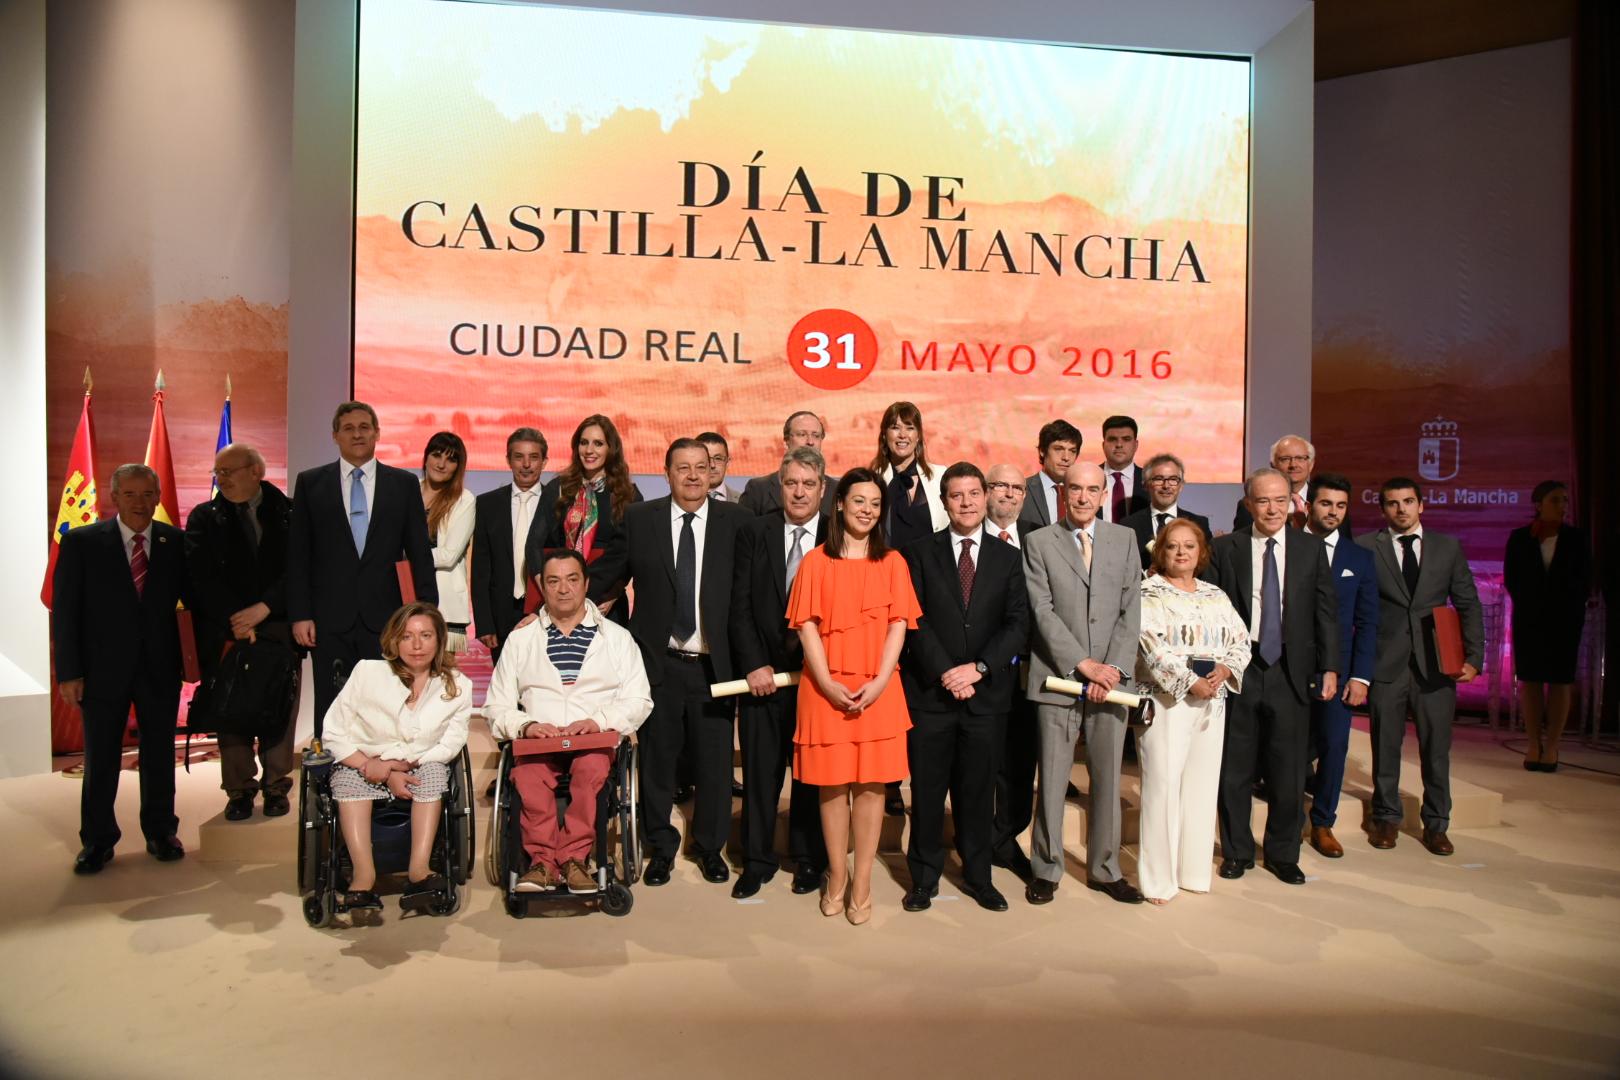 El presidente de Castilla-La Mancha, Emiliano García-Page, preside el acto institucional celebrado con motivo del Día de la Región en Ciudad Real